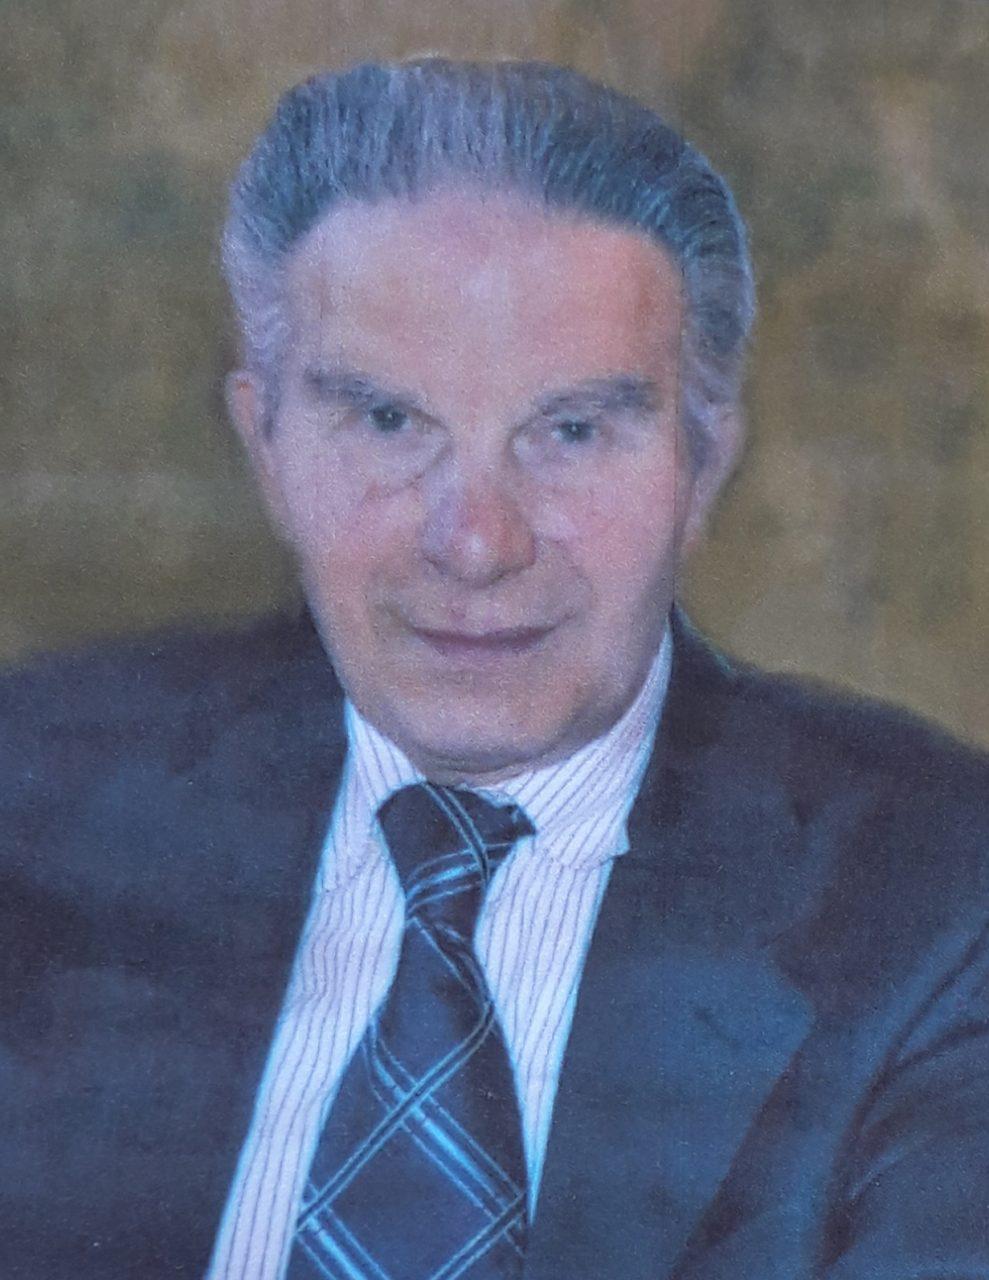 Paolo Nervi